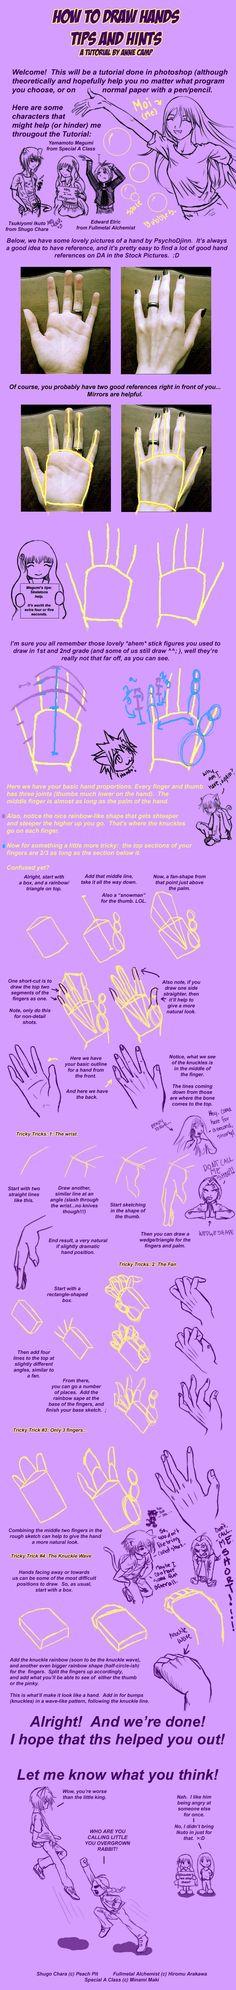 How to draw hands part 1. Part 2 here: http://obi-quiet.deviantart.com/art/Hand-Tutorial-2-103542132